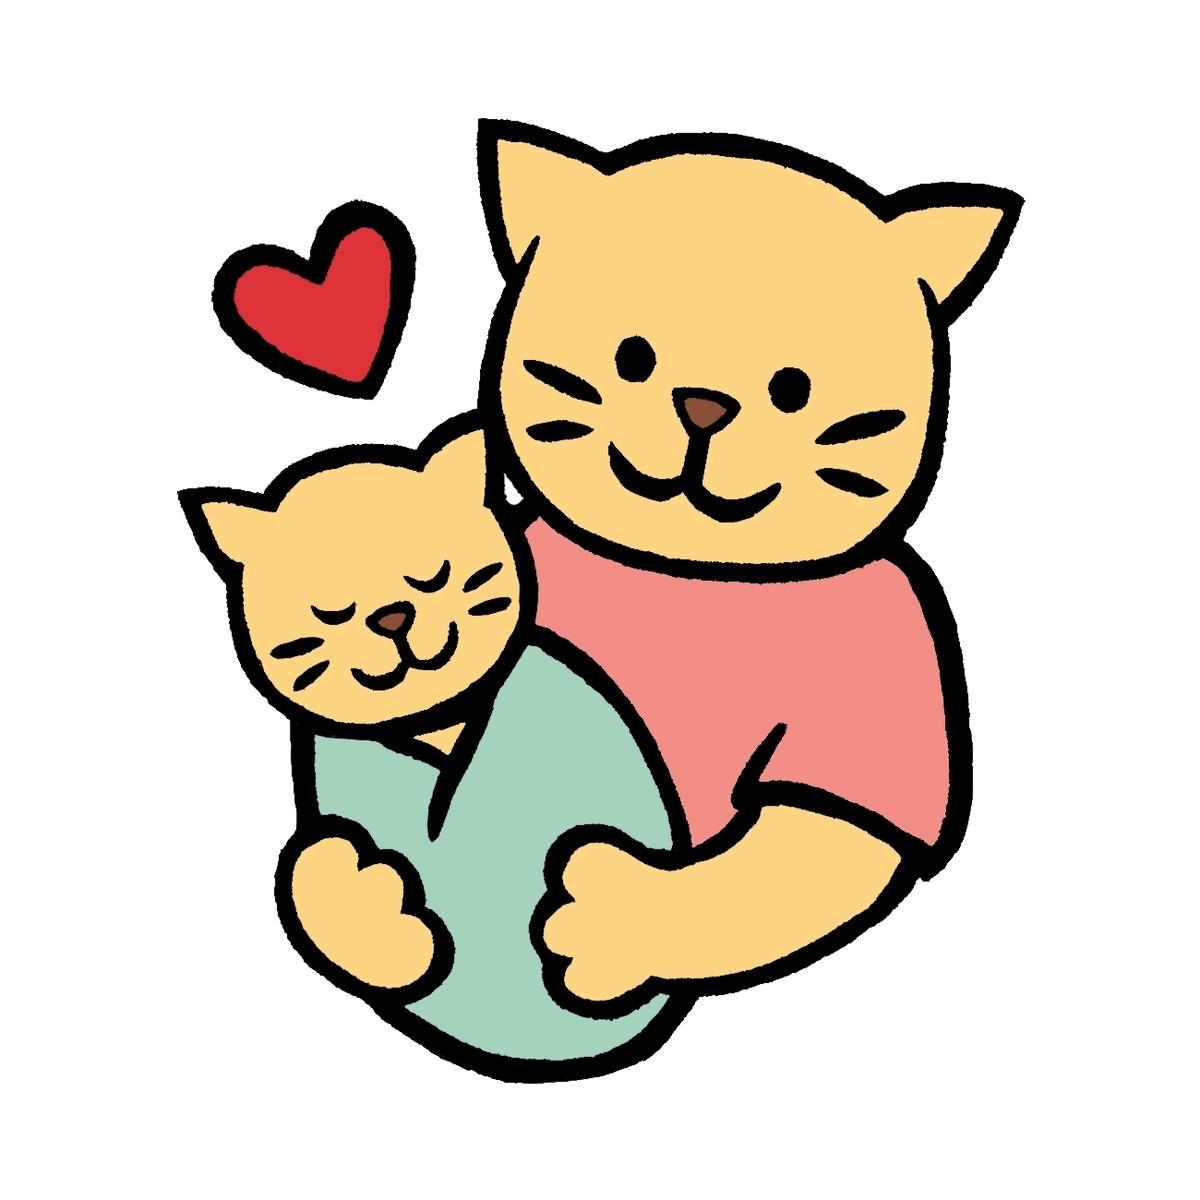 赤ちゃんねこを抱くママねこのイラスト